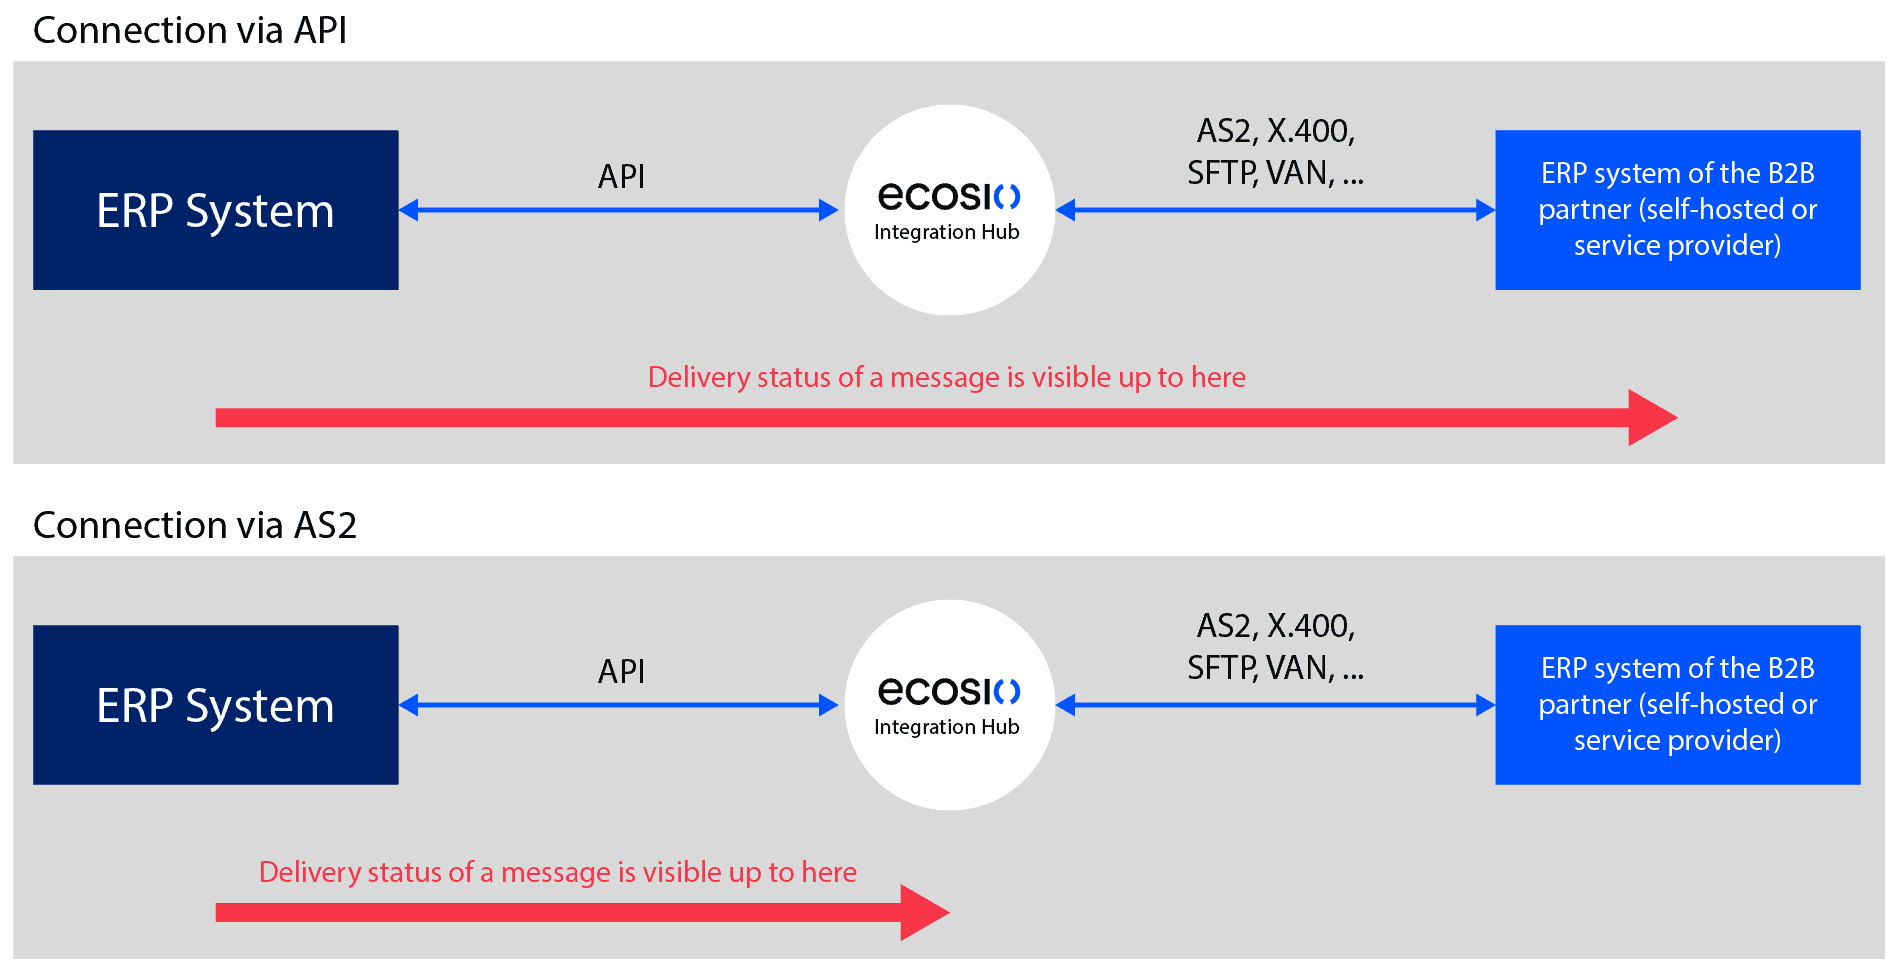 API vs AS2